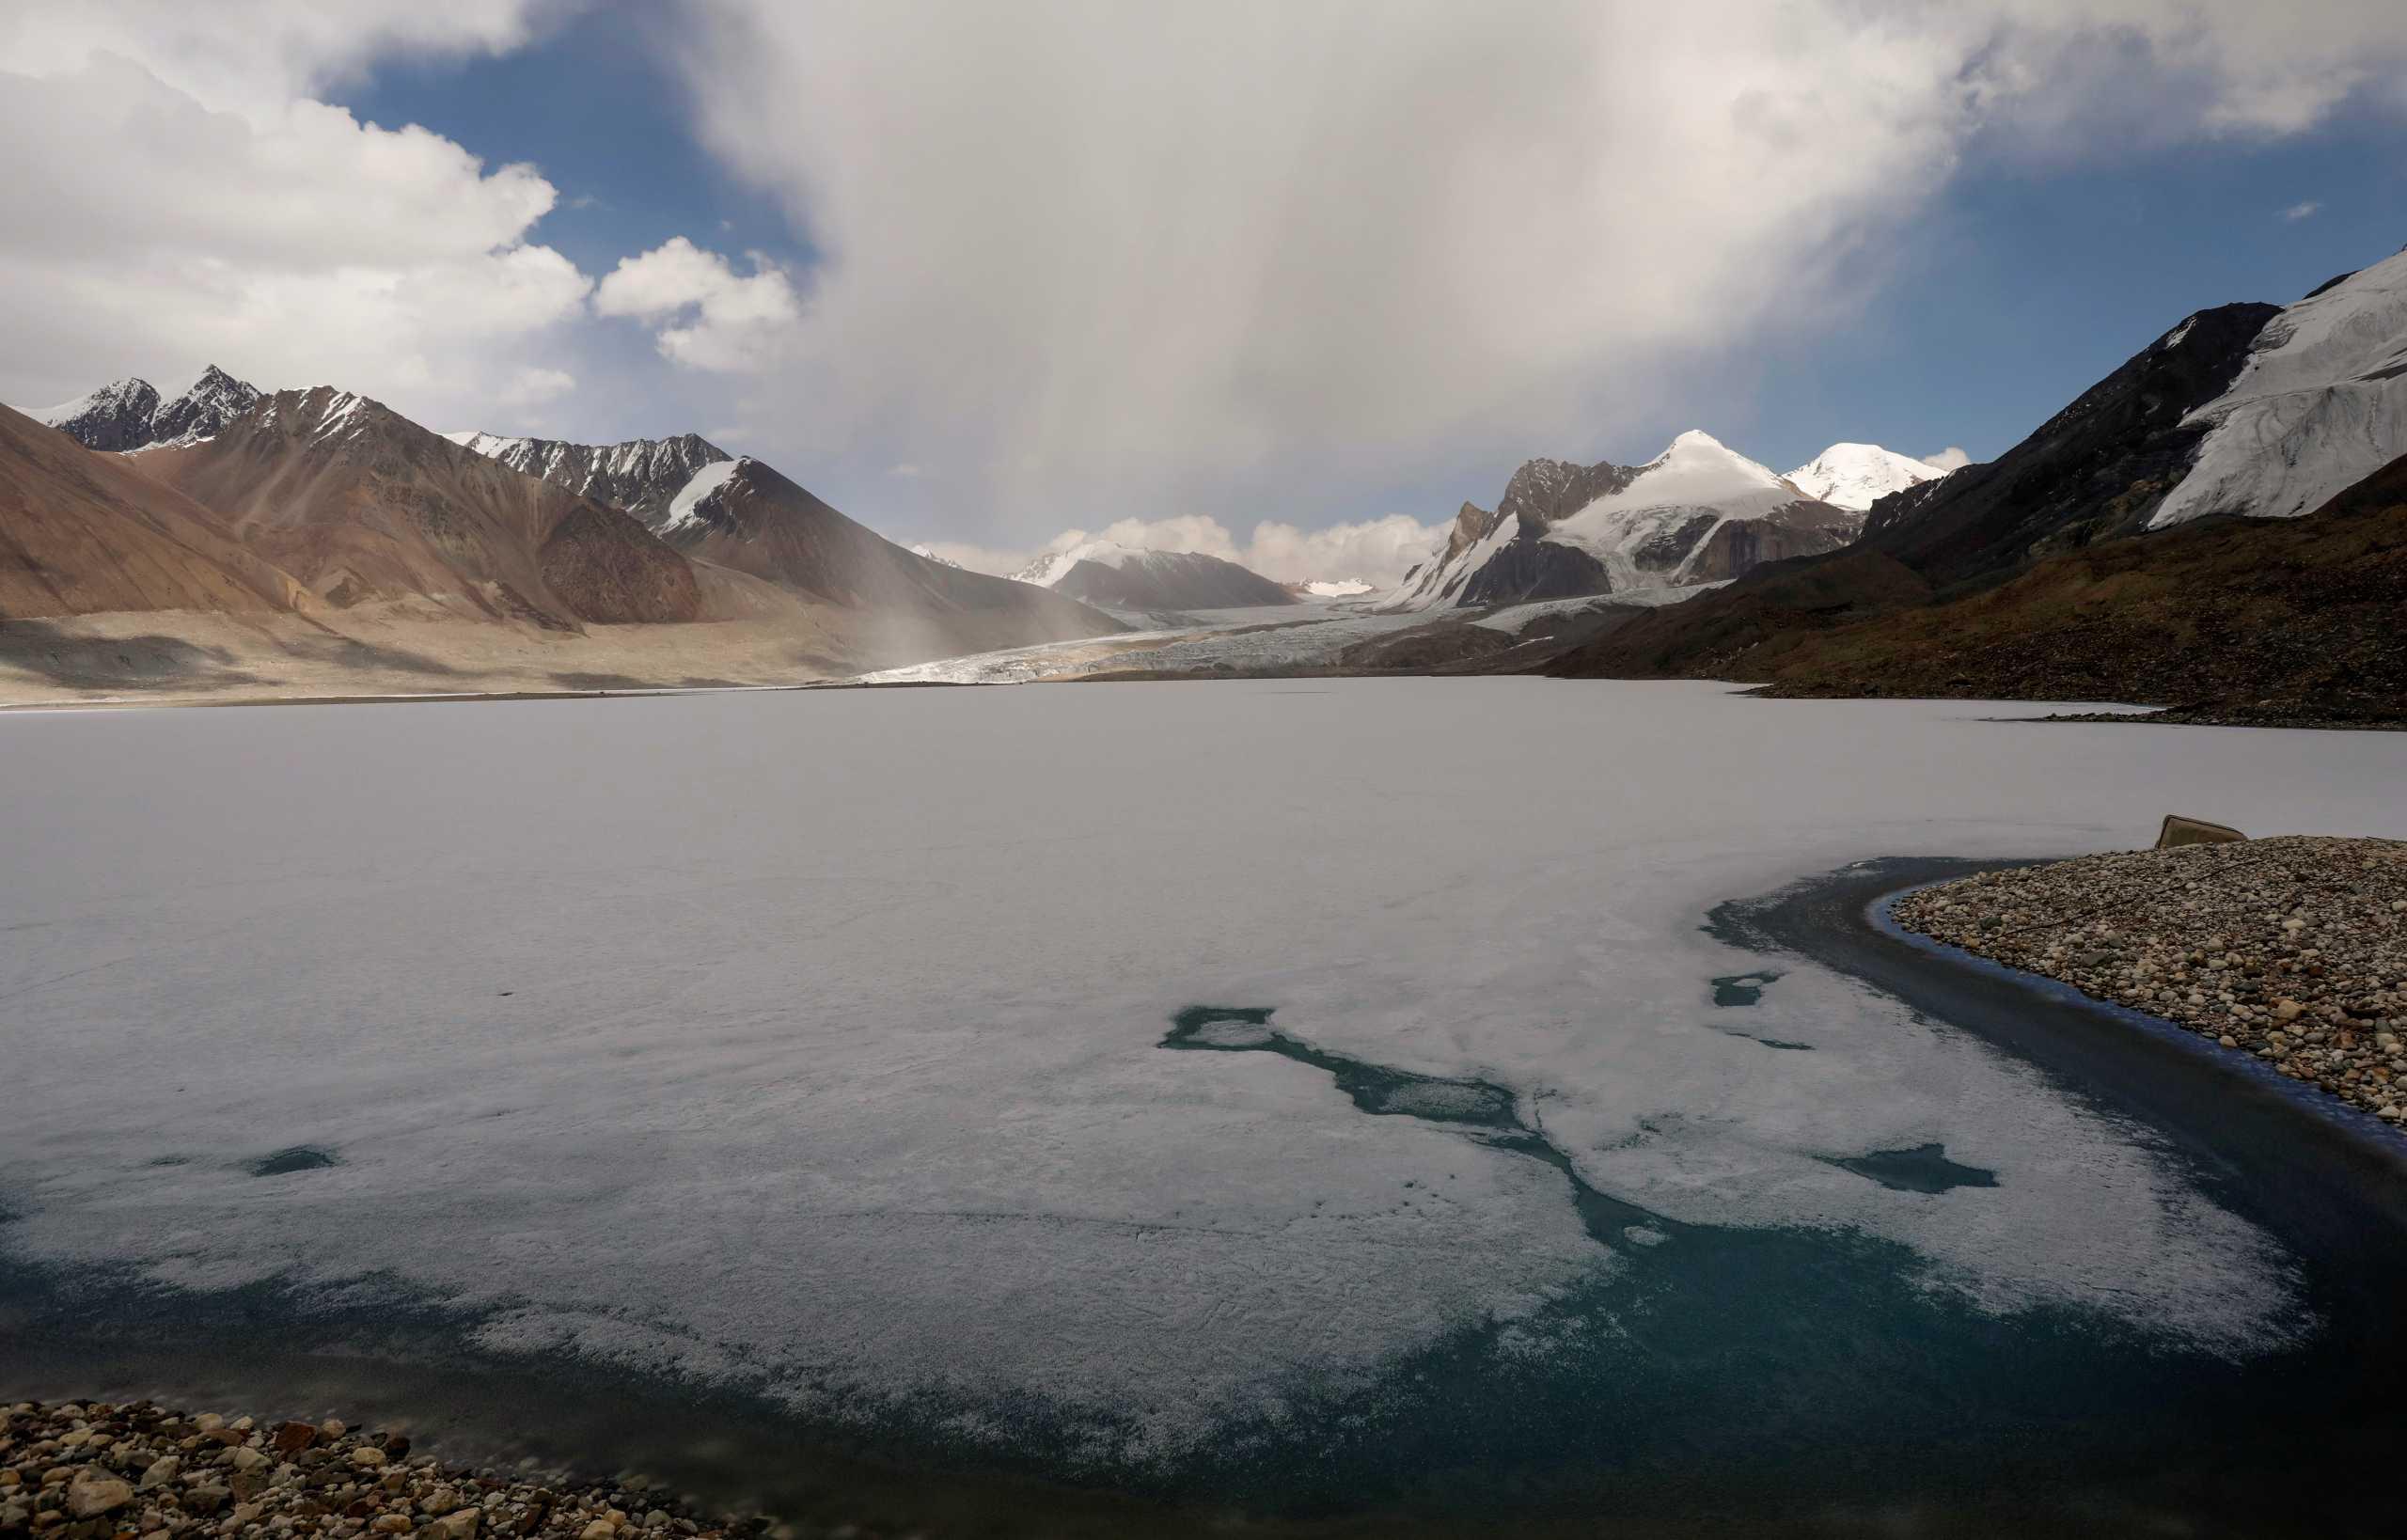 Κλιματική αλλαγή: Οι λίμνες χάνουν το οξυγόνο τους πιο γρήγορα από τους ωκεανούς